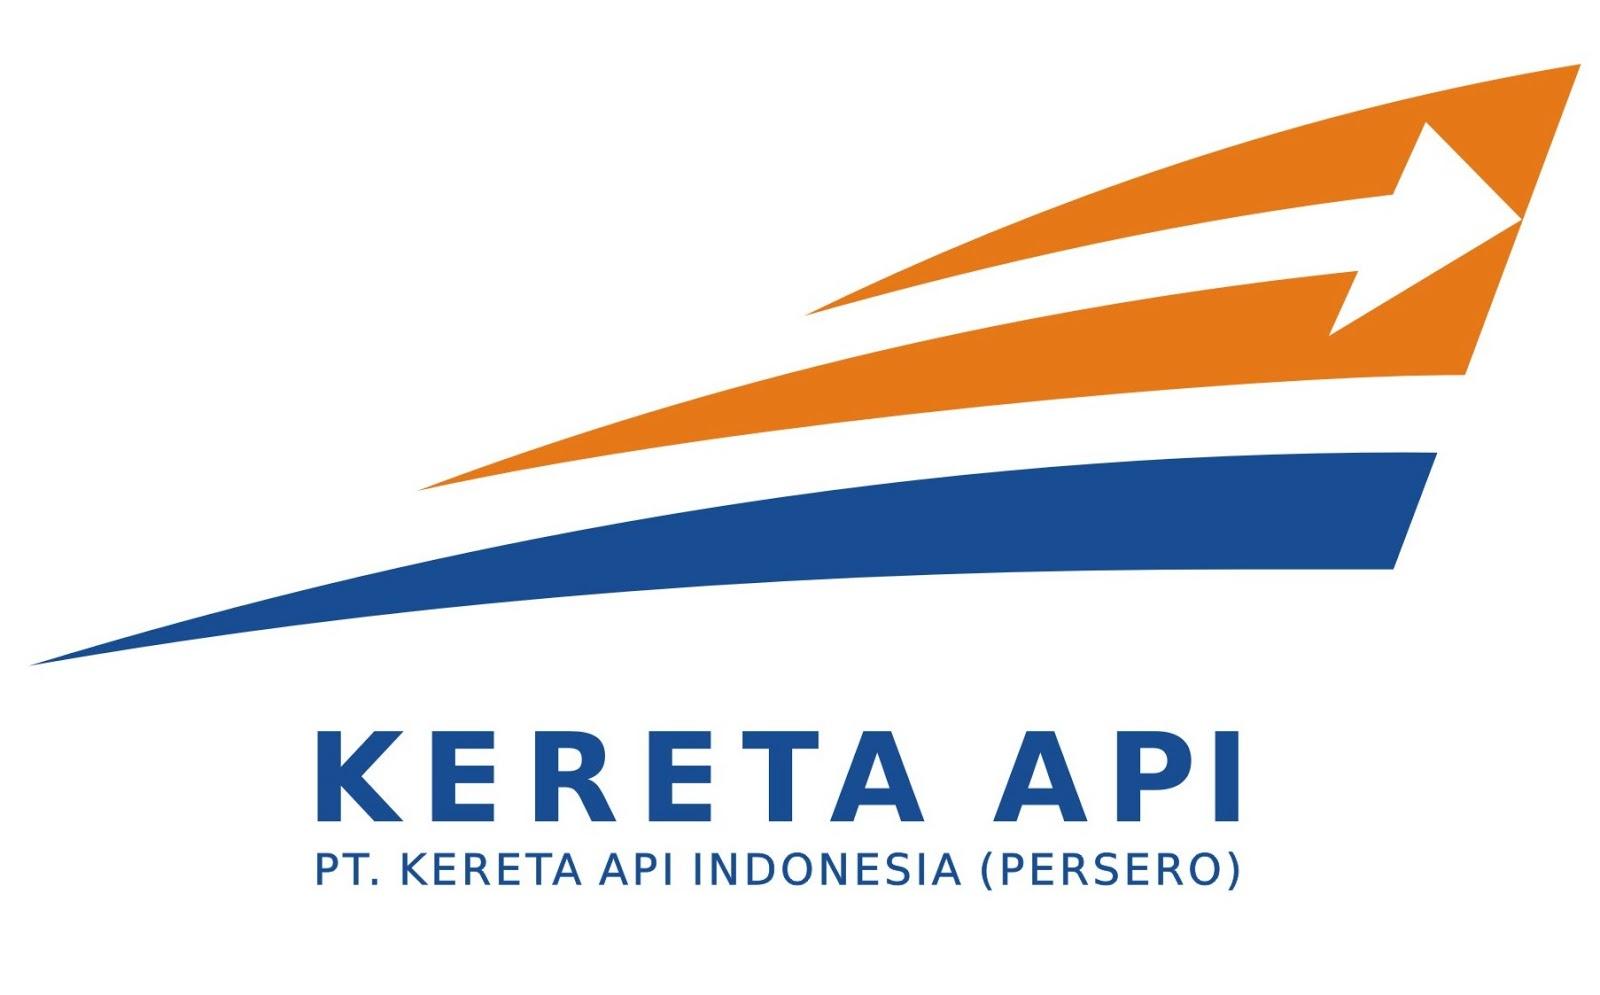 Lowongan Pt Kai Terbaru Lowongan Kerja Bumn Pt Kereta Api Indonesia Kai Terbaru Lowongan Masinis Pt Kereta Api Indonesia Kai Persero Lowongan